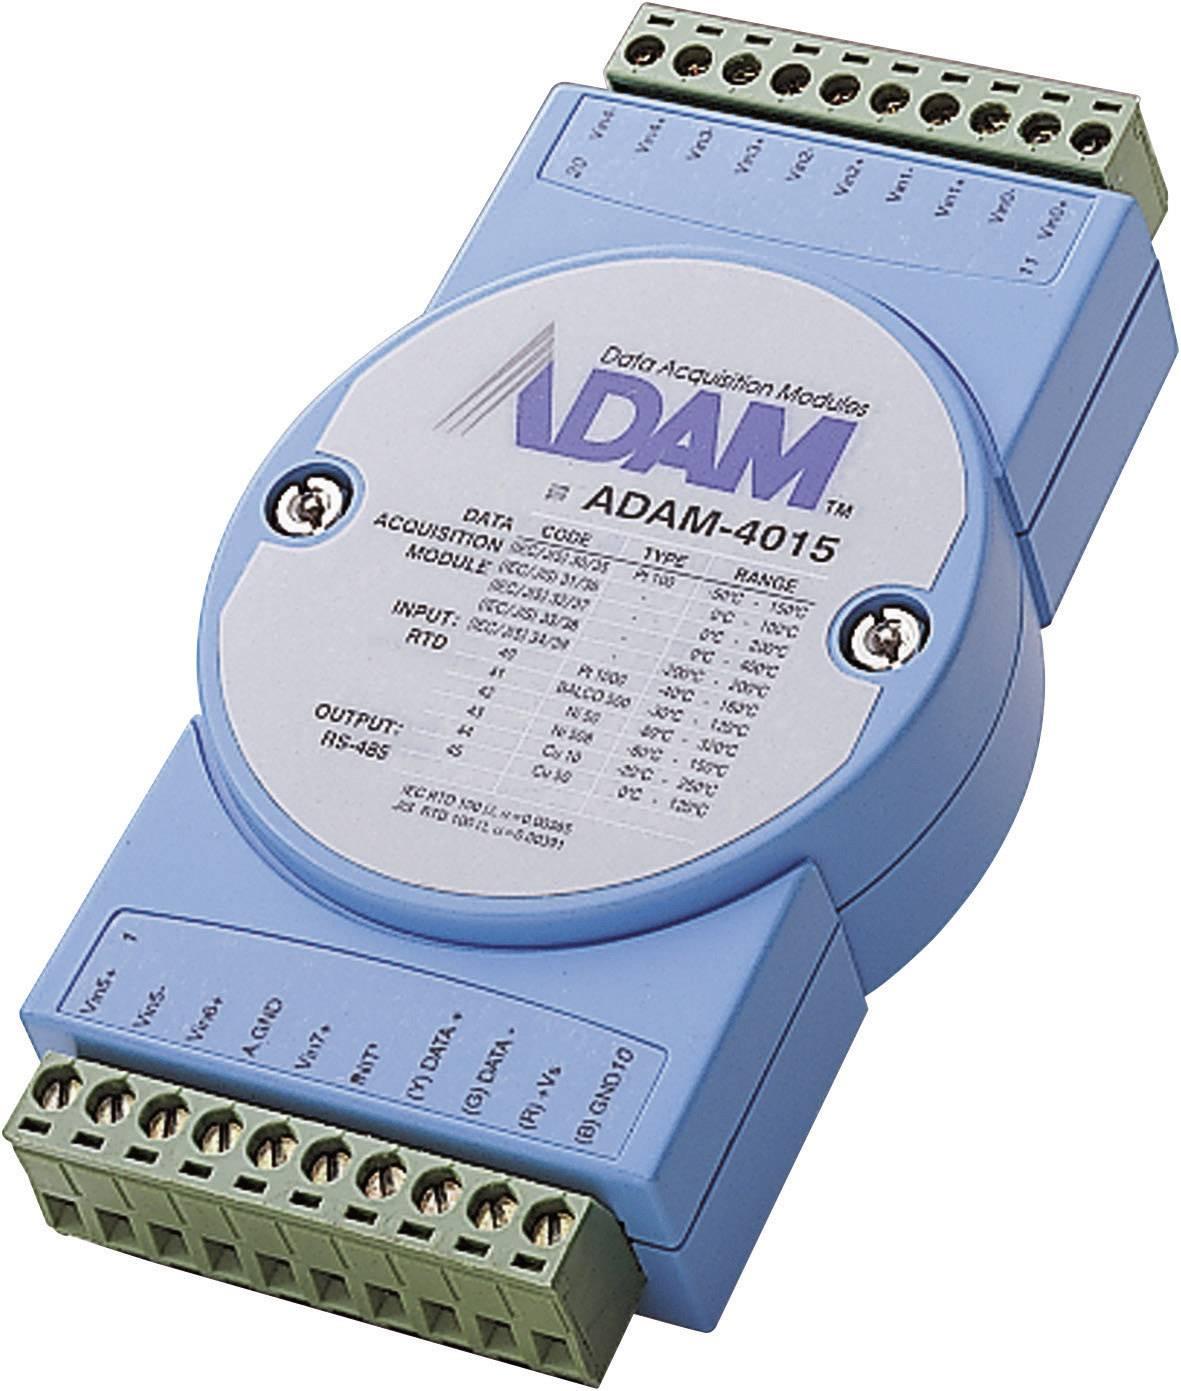 RTD-PT100 modul 6kan. Advantech ADAM-4015, 10 - 30 V/DC